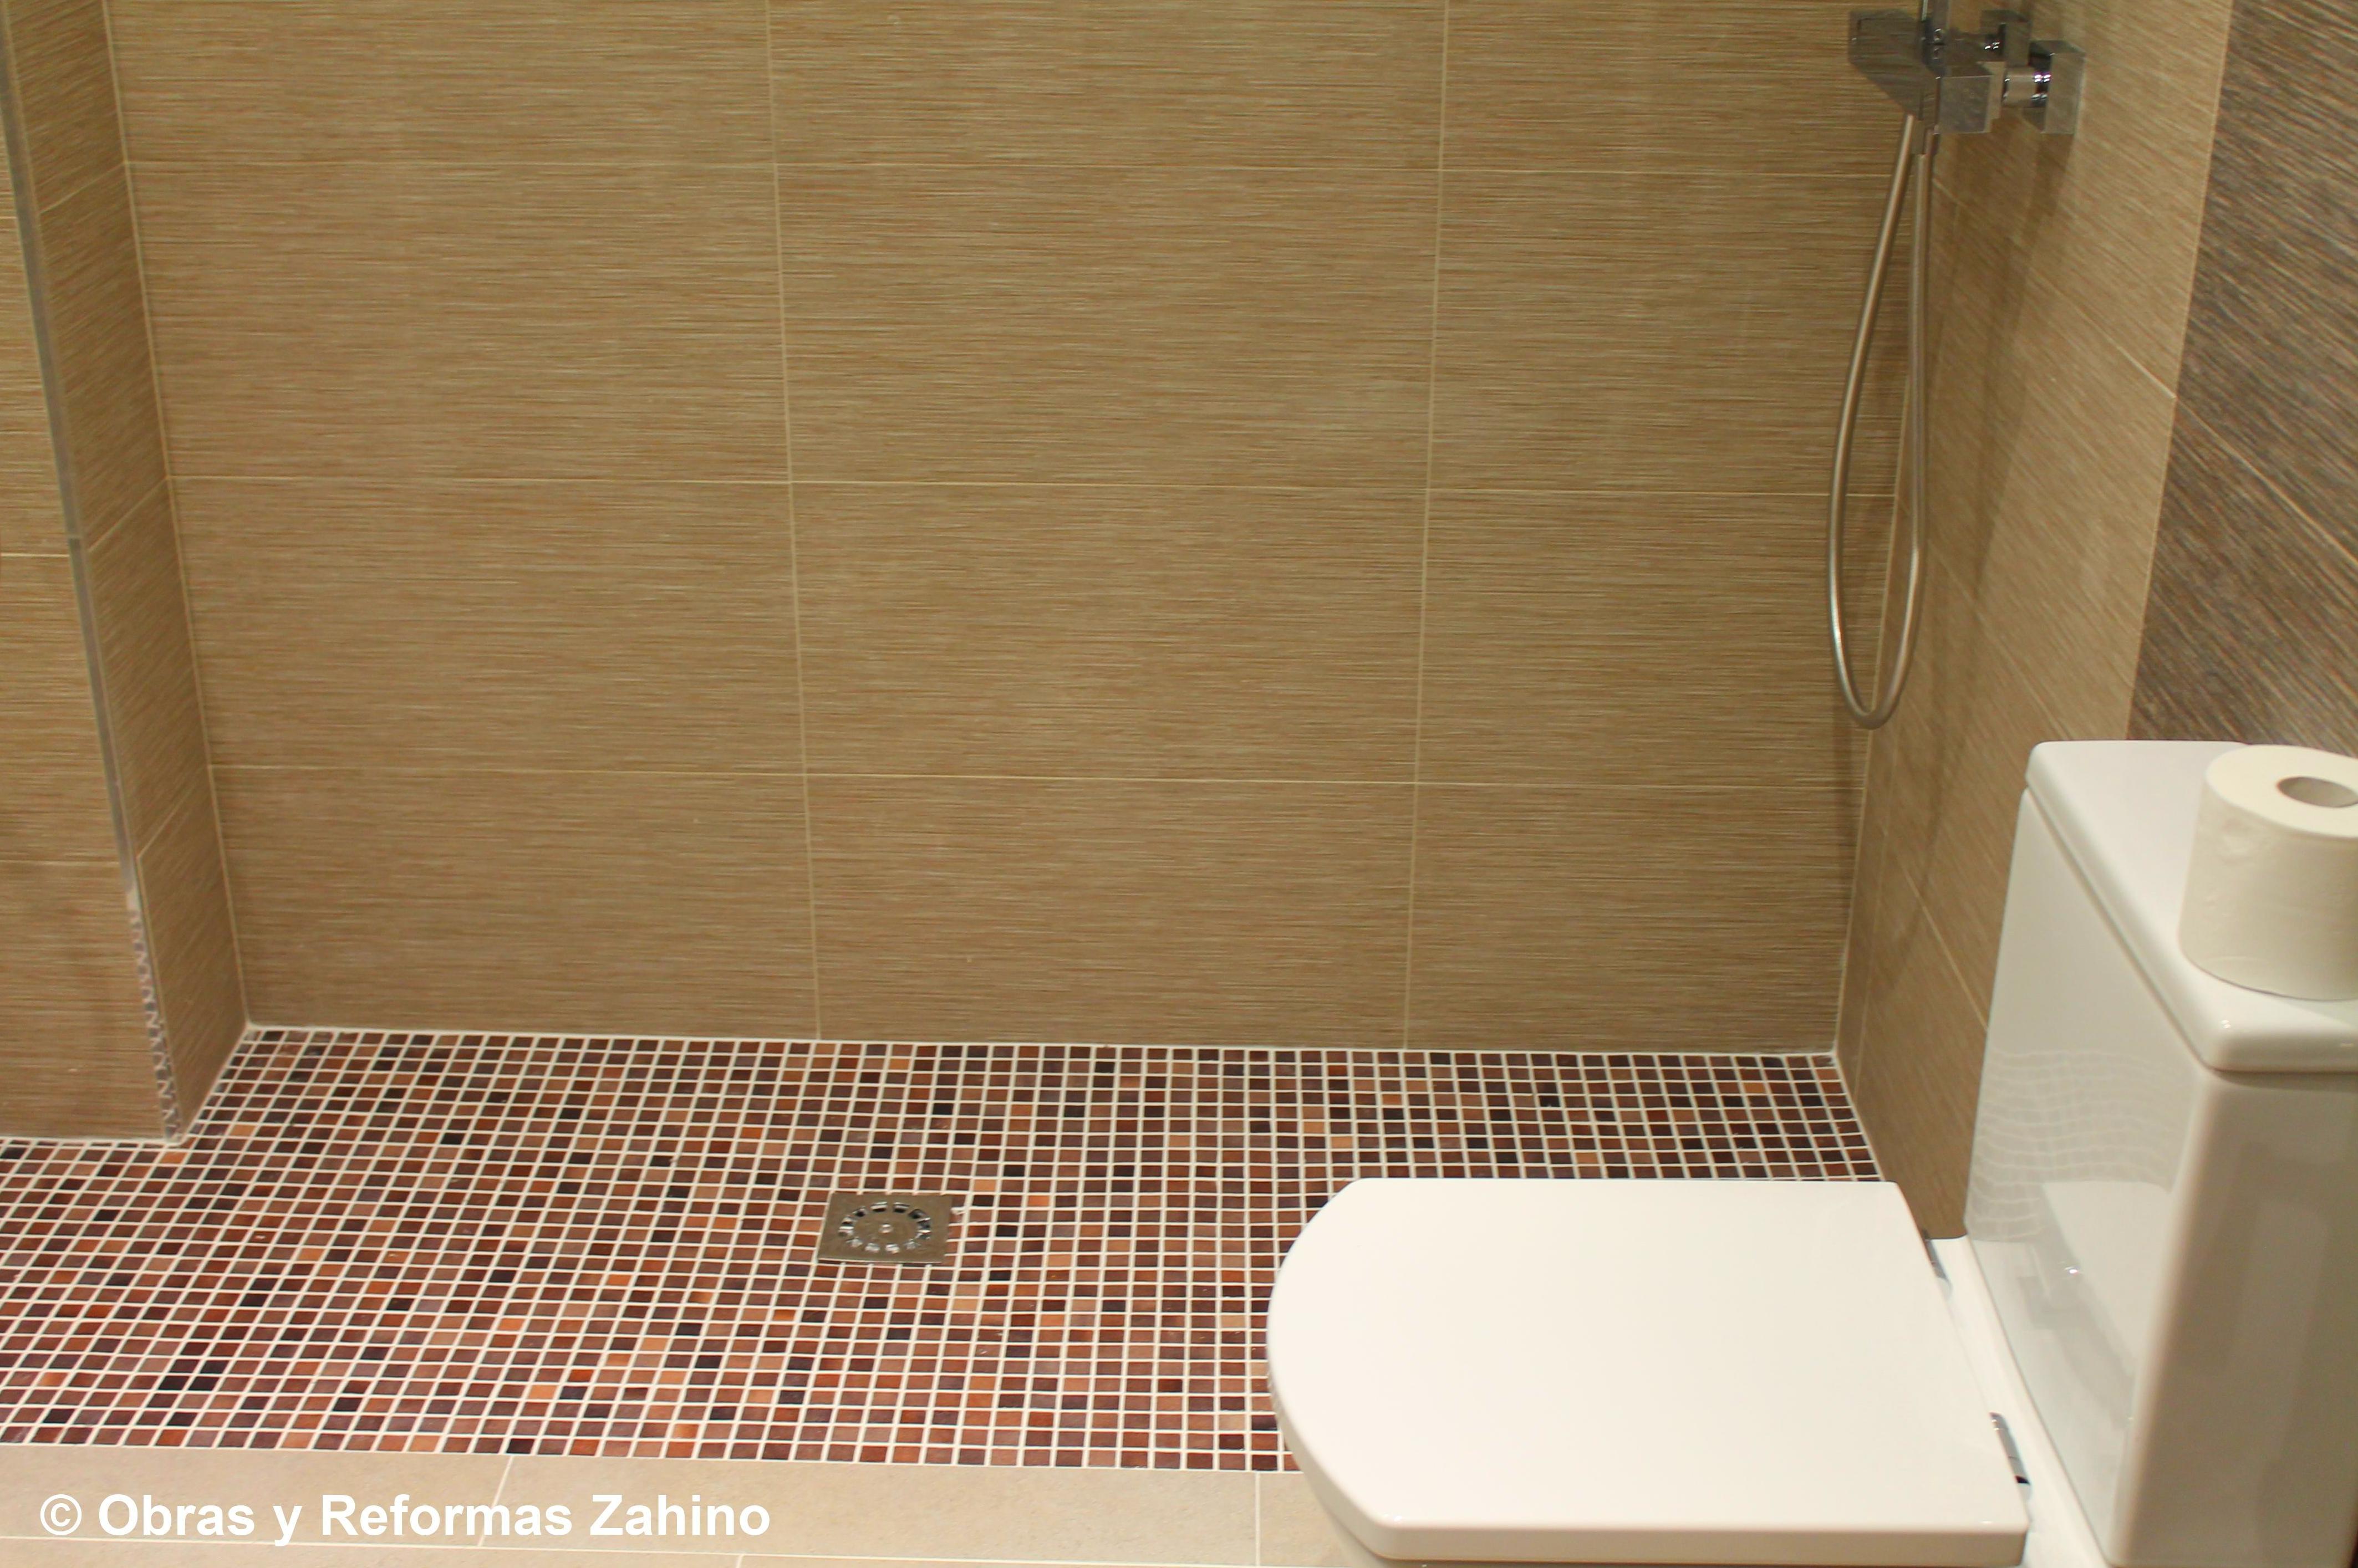 Cambio de ba era por ducha - Cambiar azulejos ...